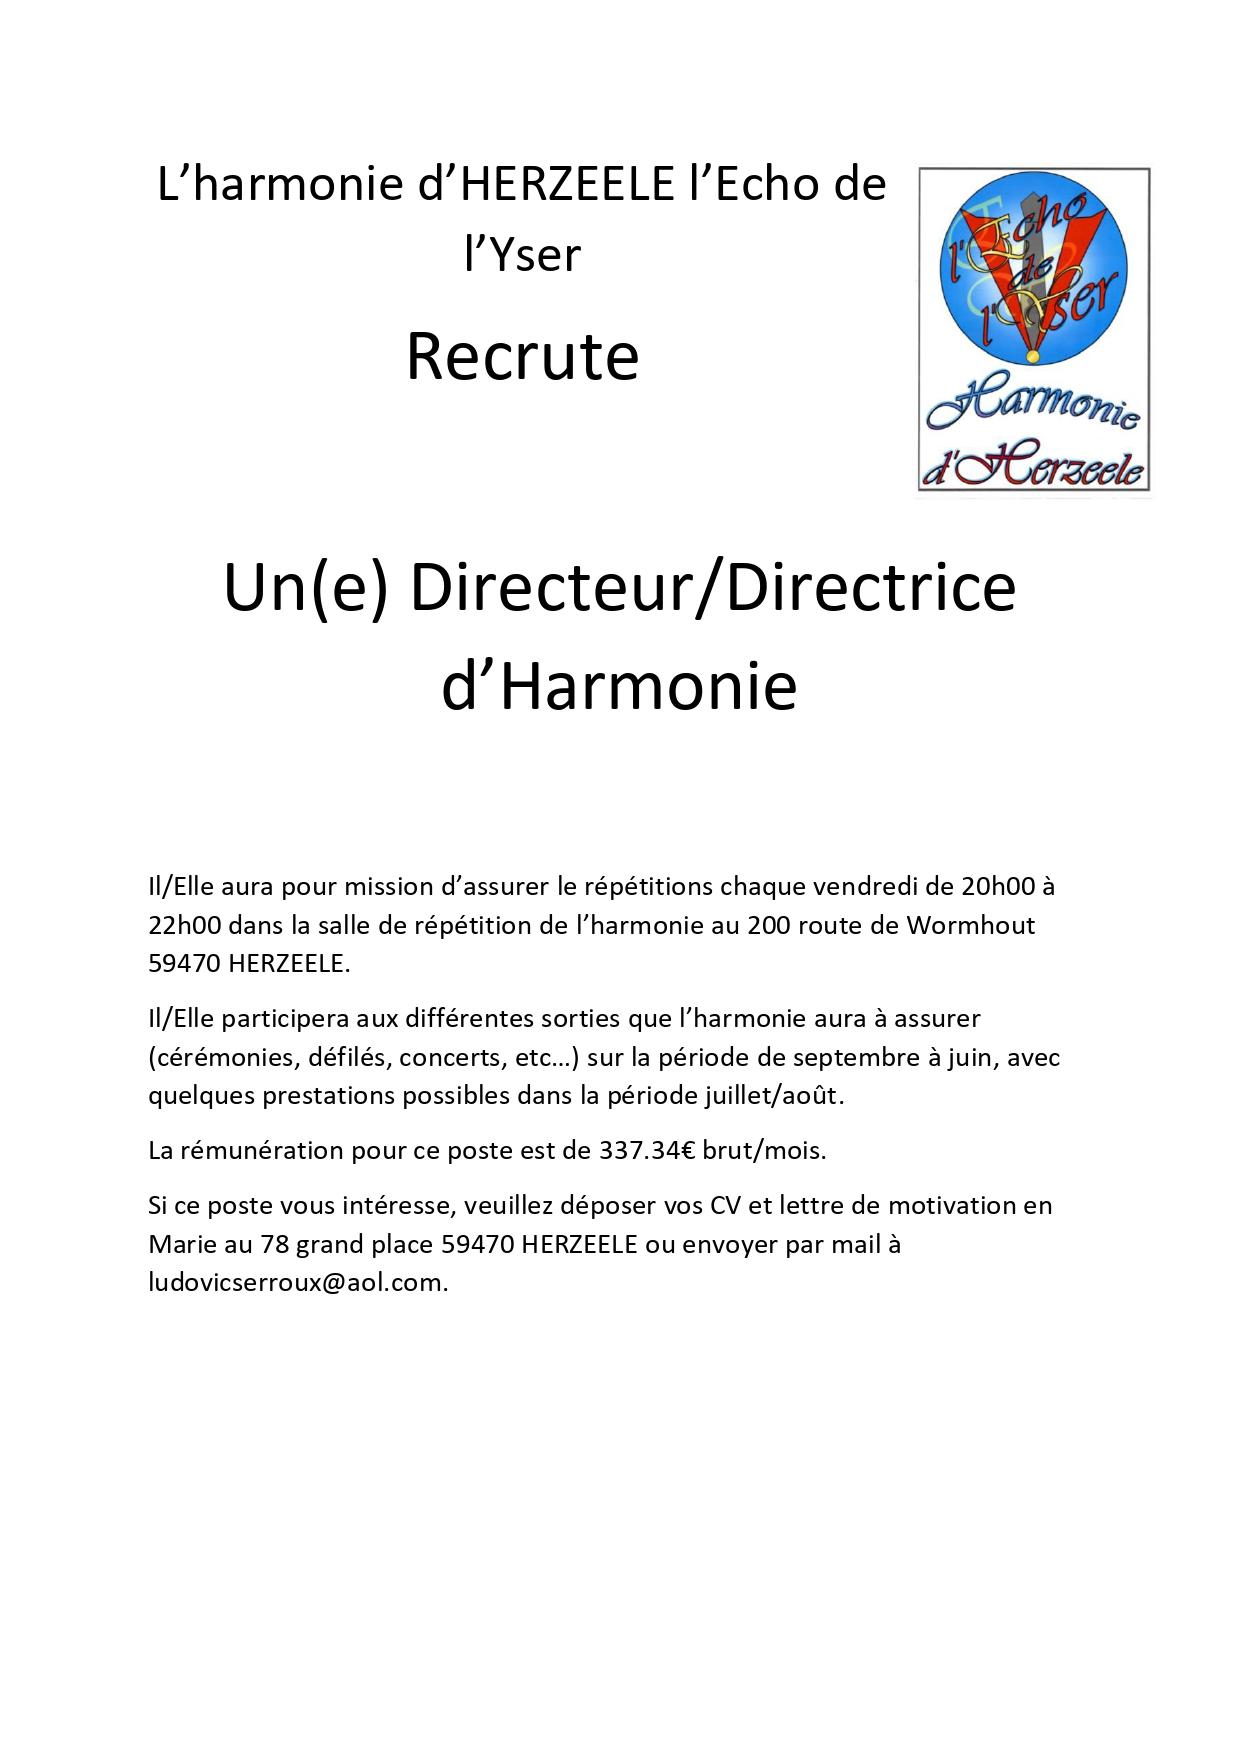 Annonce Recrutement Directeur_page-0001.jpg